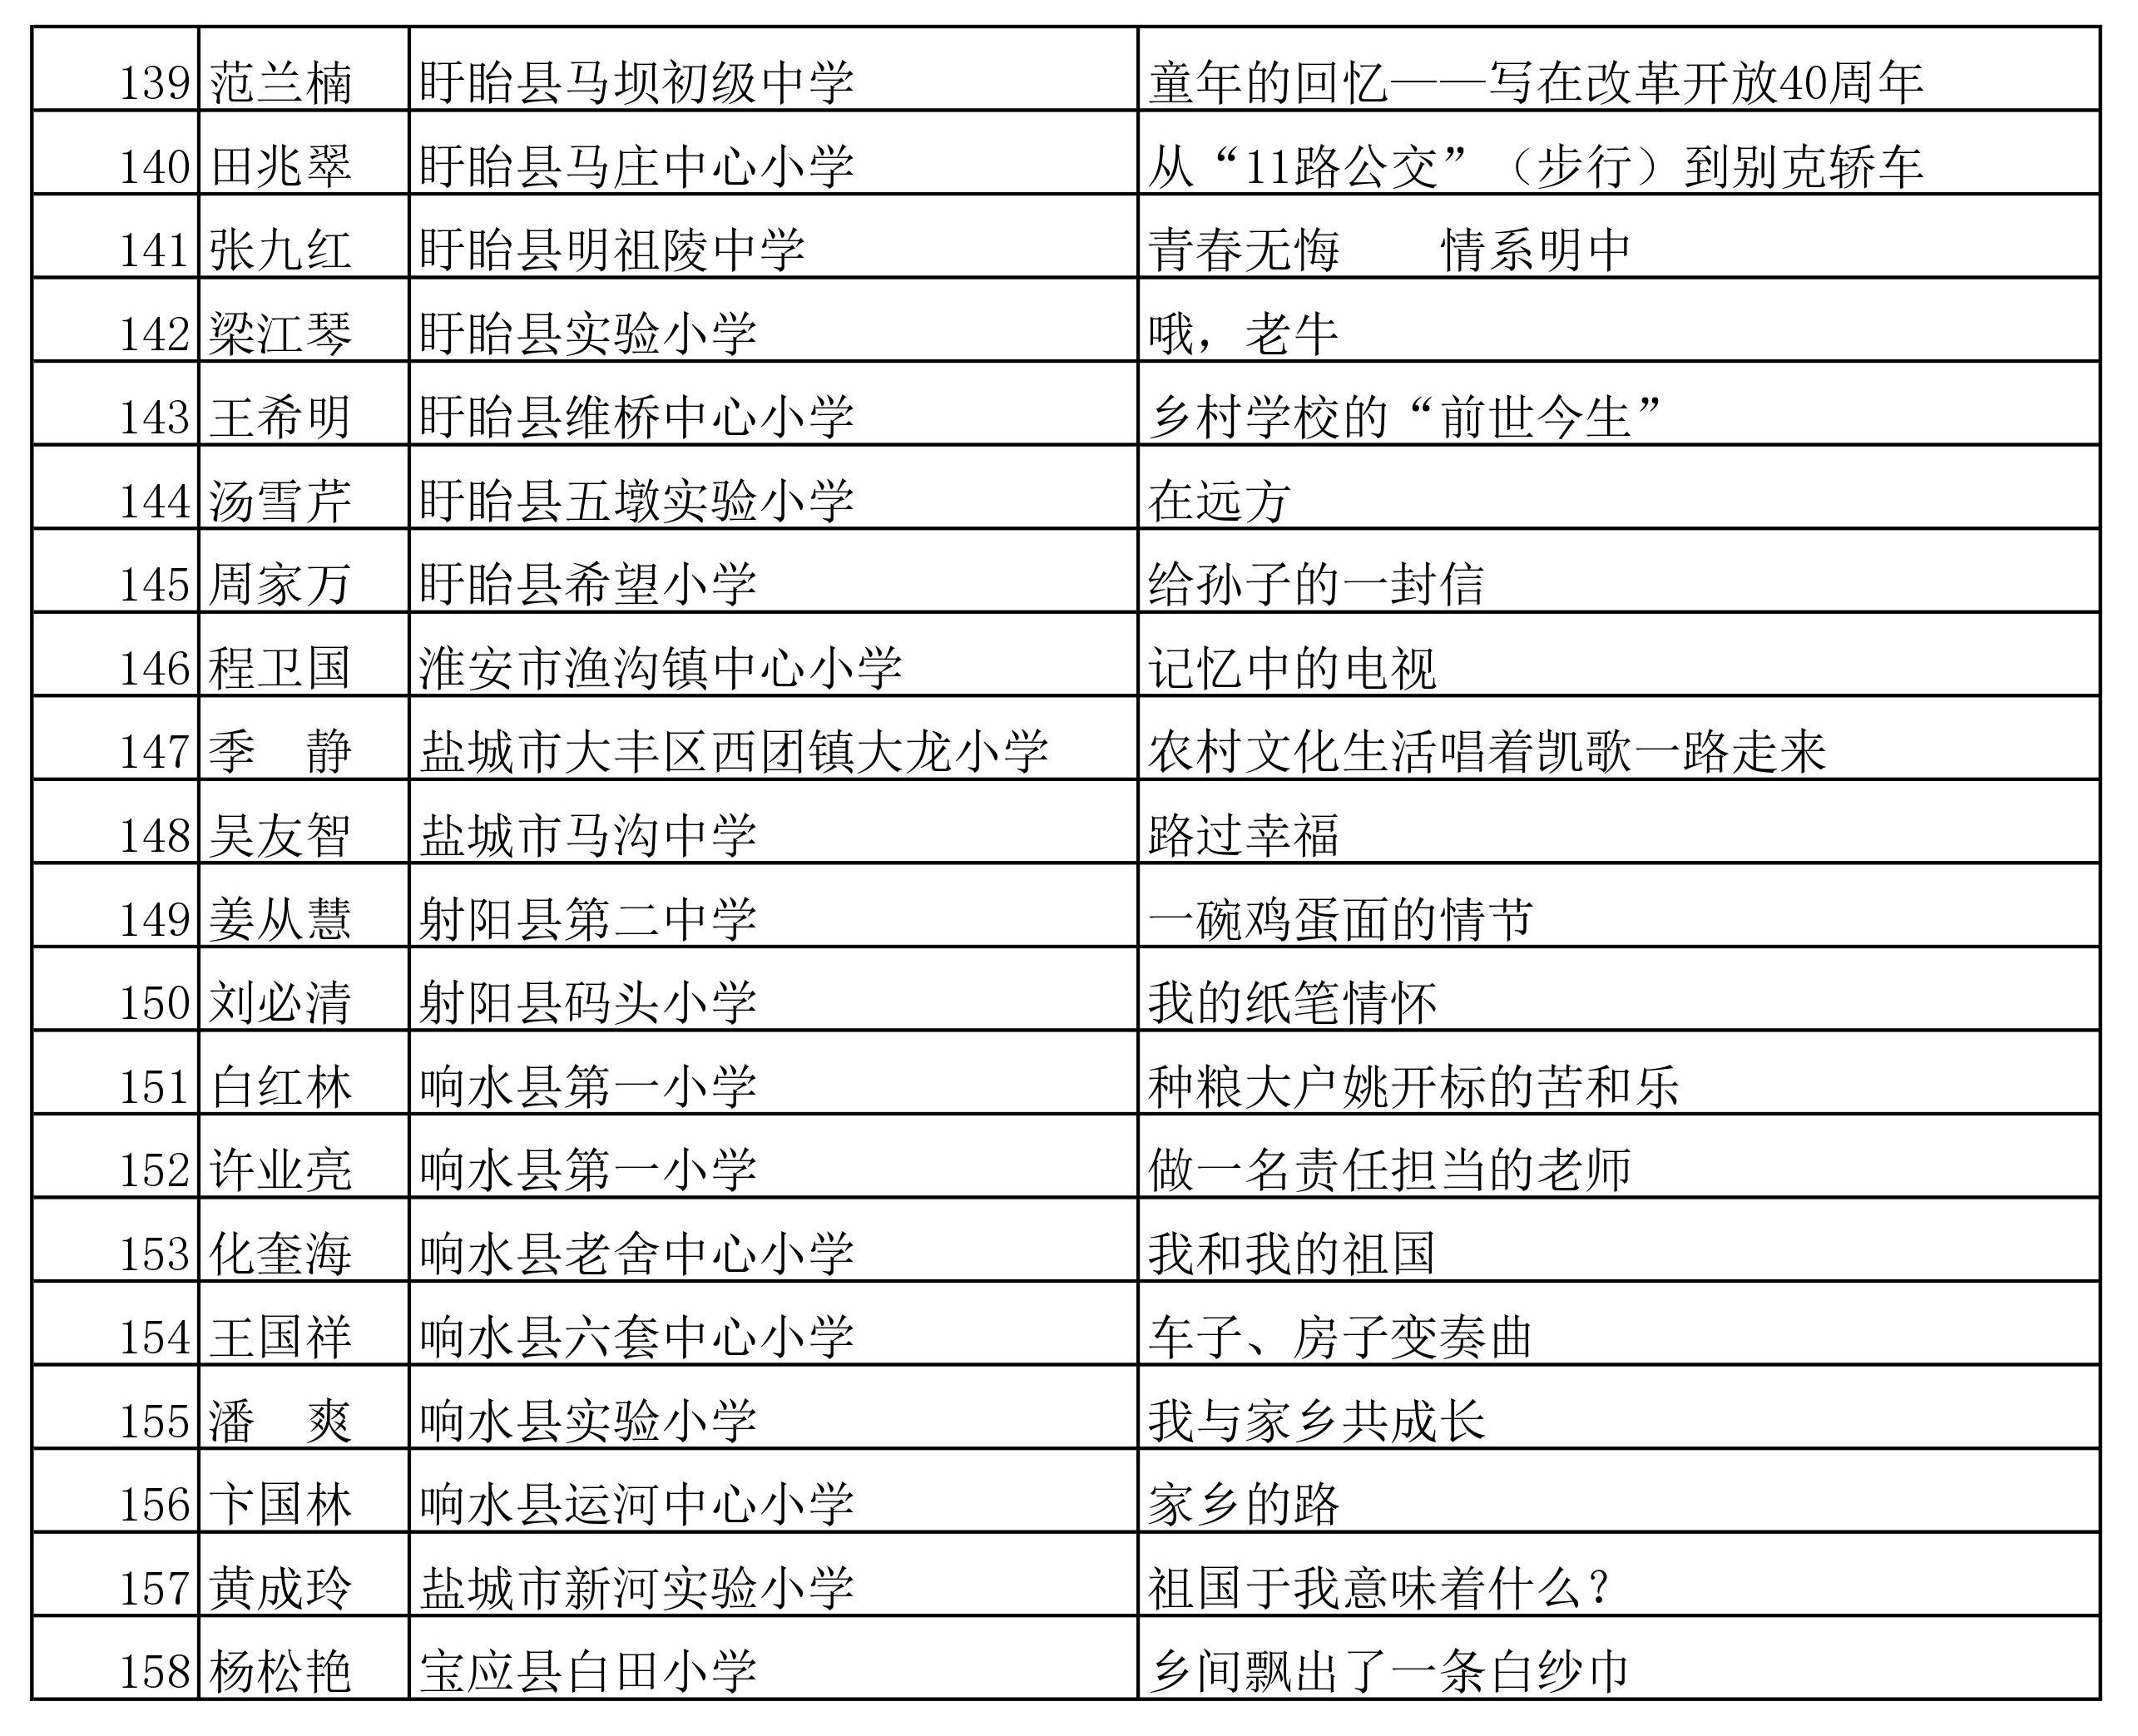 0008_副本.jpg